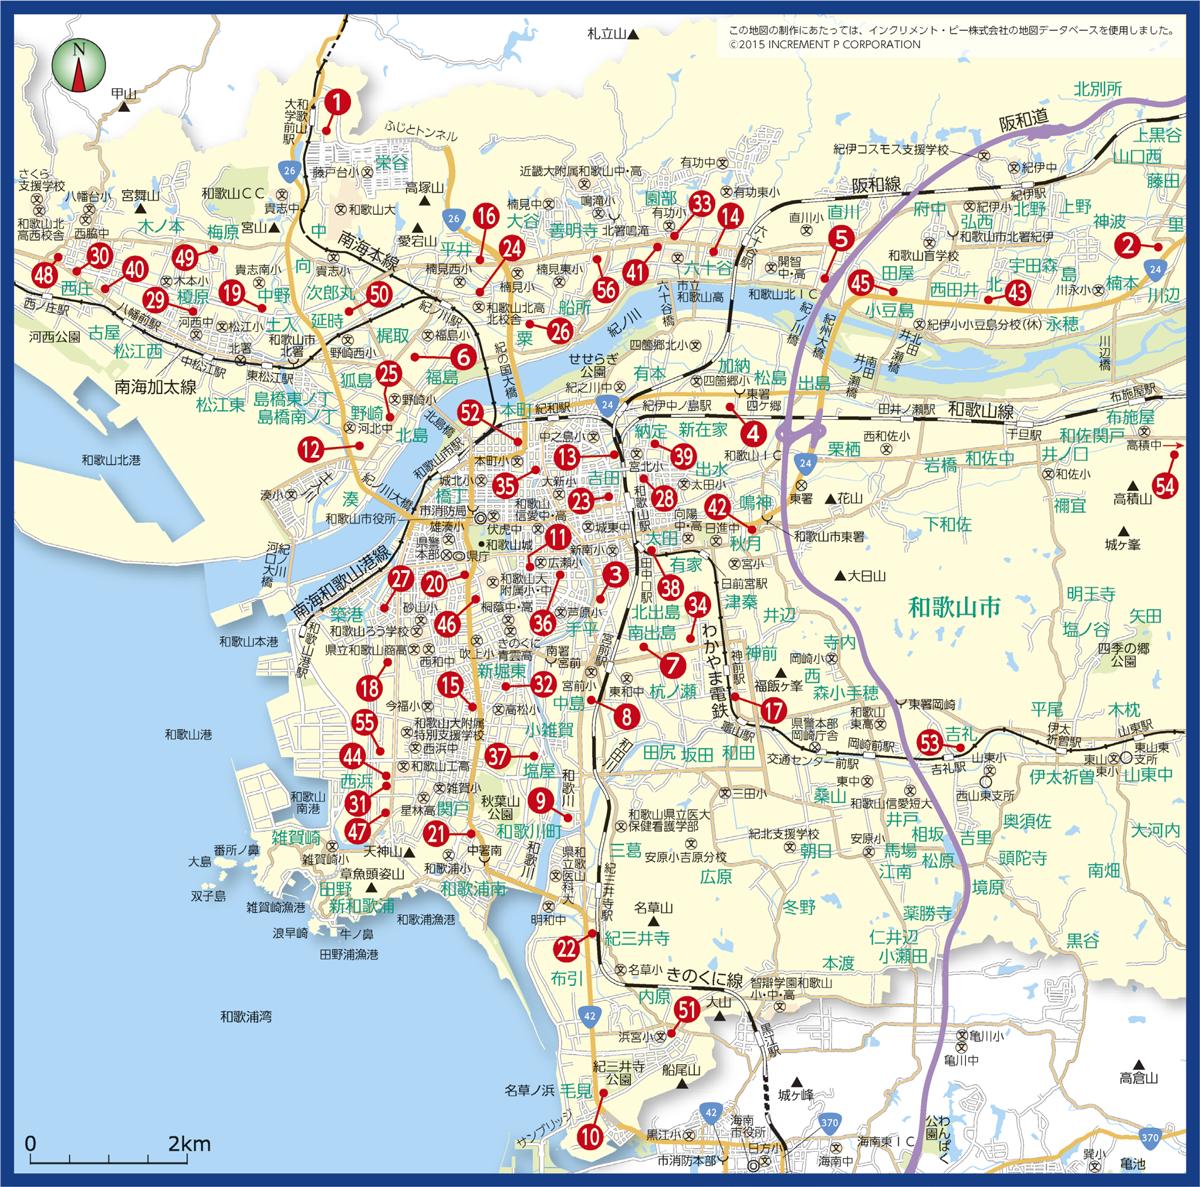 回収ボックス店舗マップ